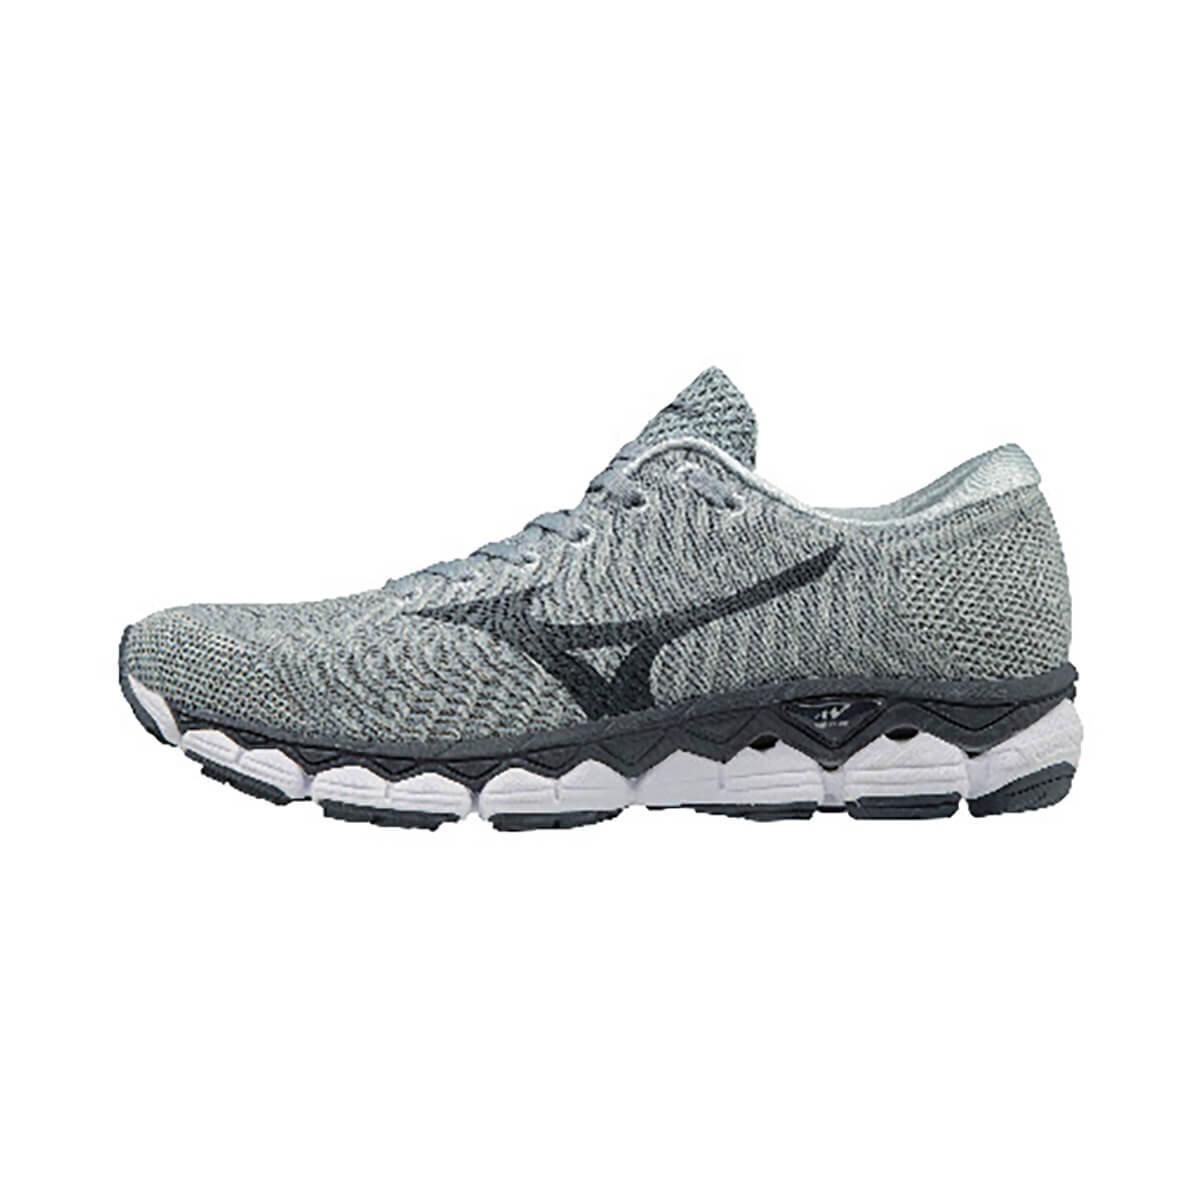 GRI Kadın Koşu Ayakkabısı J1GD18253677Z